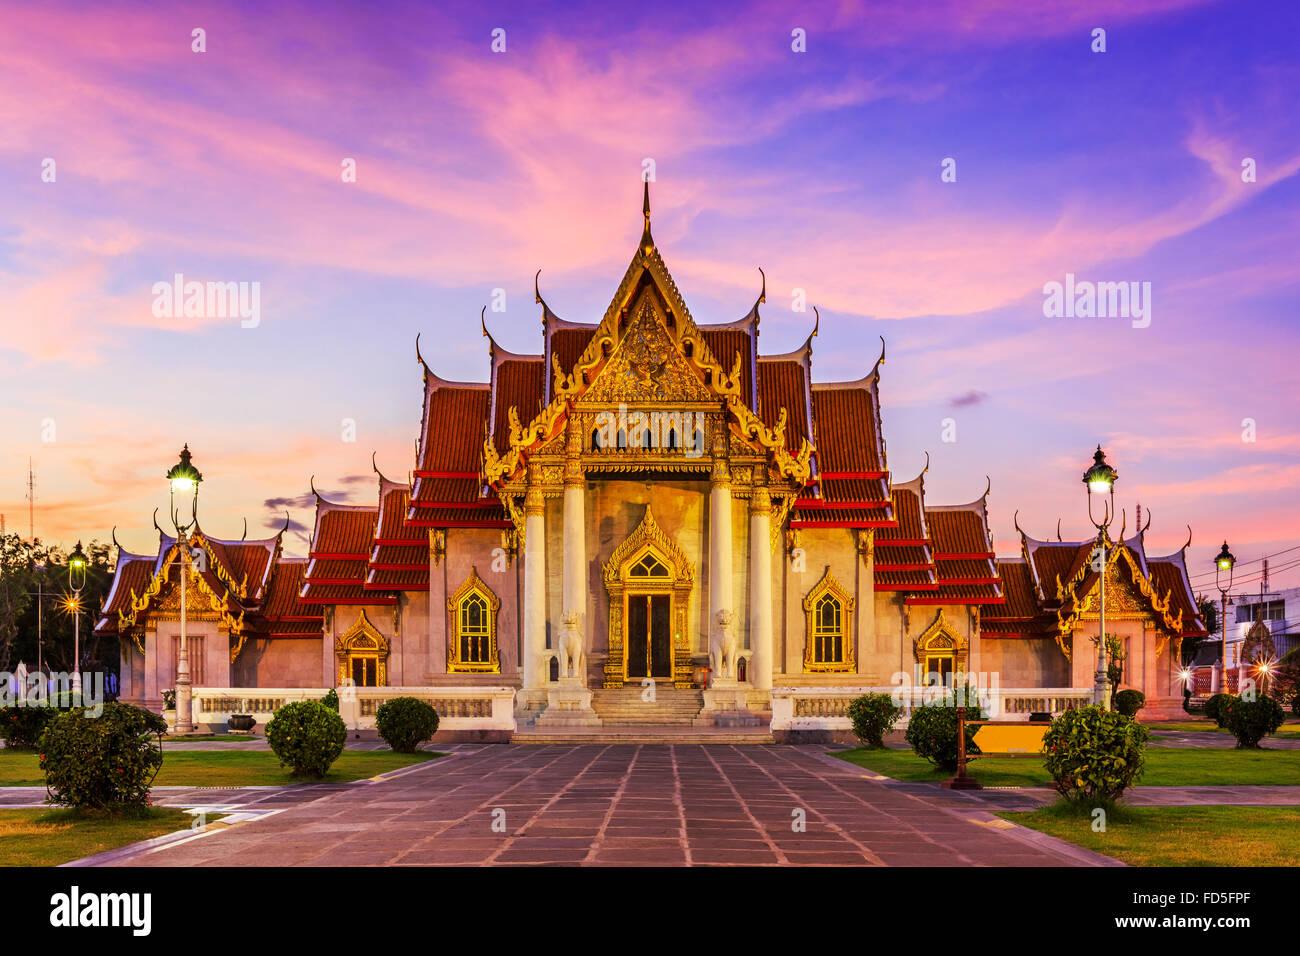 Bangkok, Thailand. Die Marmor-Tempel, Wat Benchamabopit Dusitvanaram bei Sonnenuntergang. Stockbild